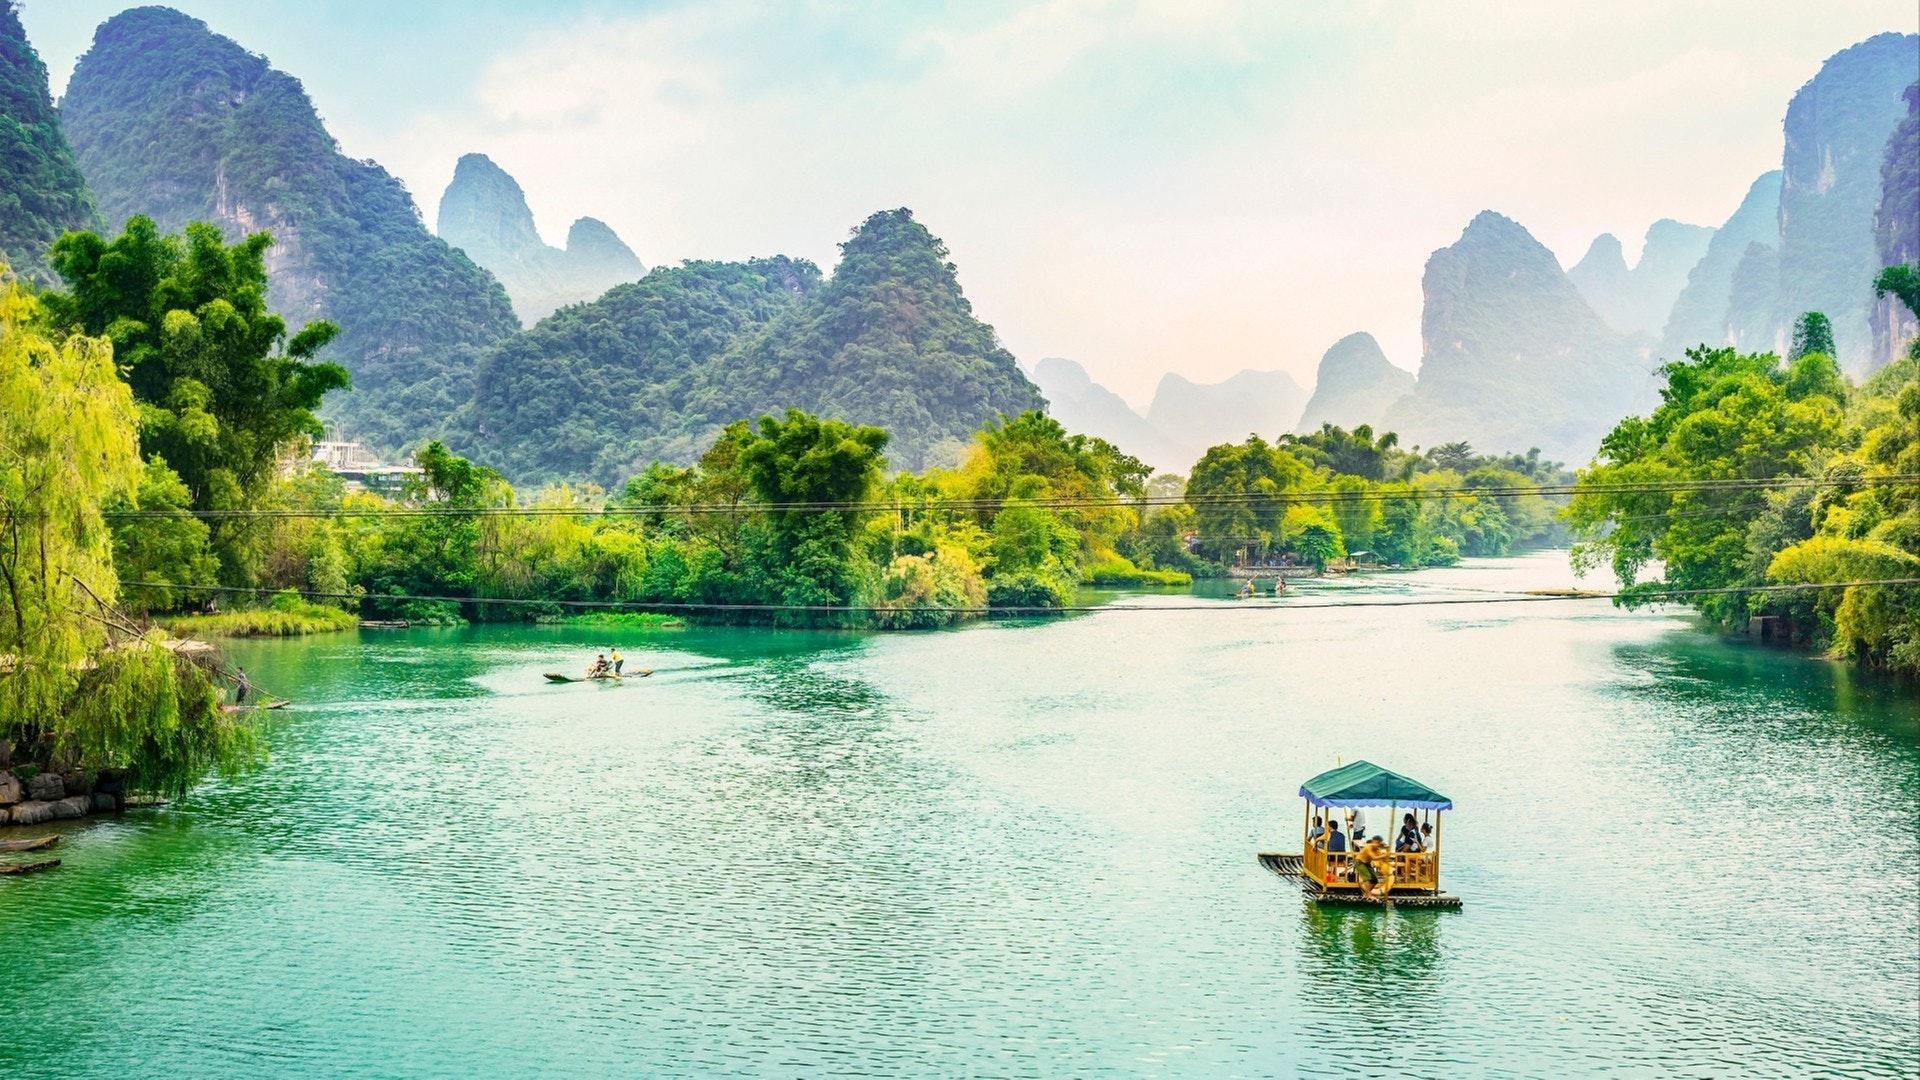 Landscape of Guilin, Li River and Karst mountains